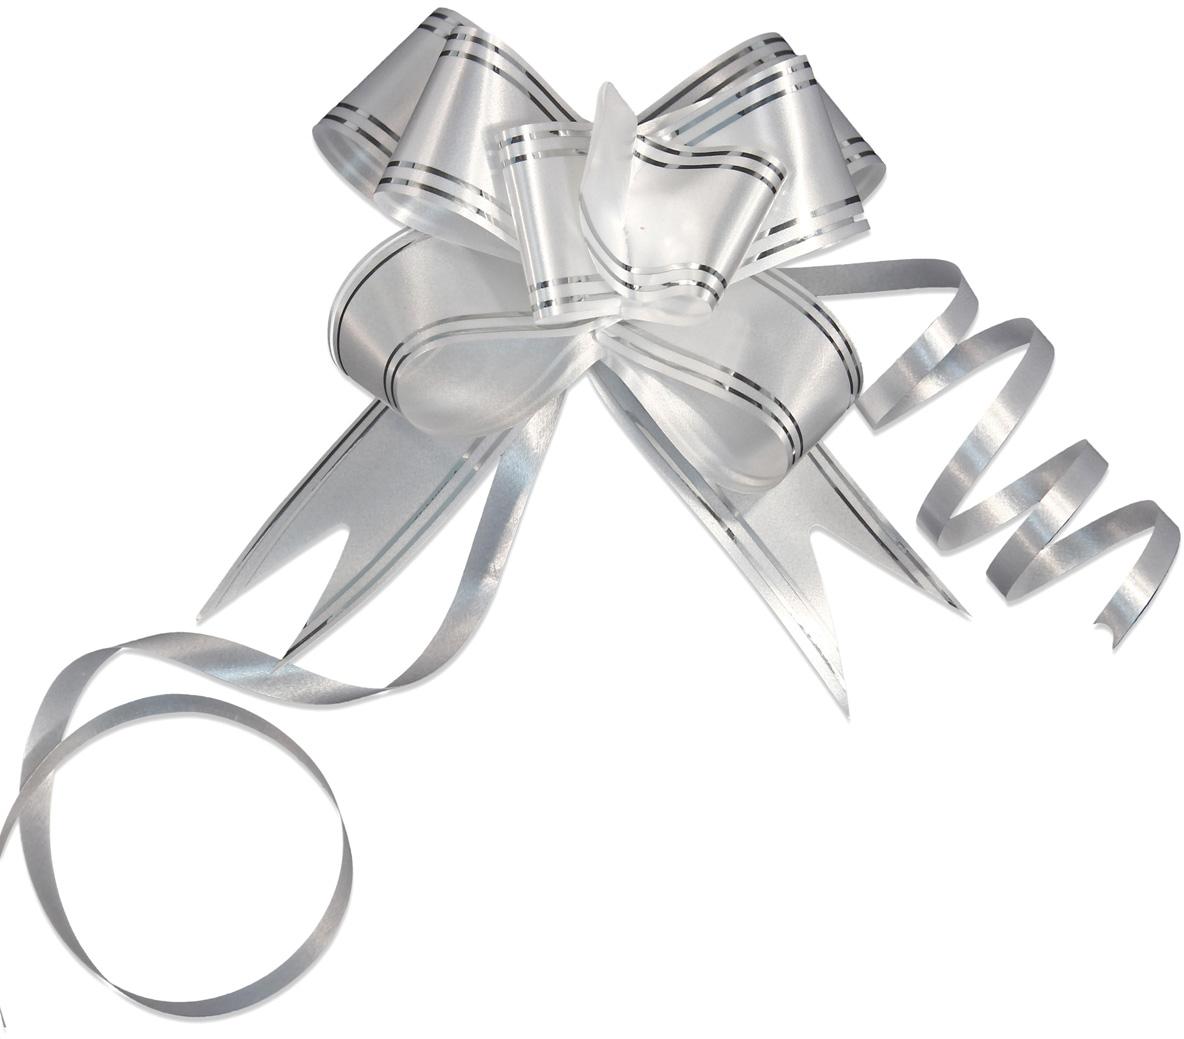 """Набор бантиков """"Veld-Co"""" поможет вам в оформлении ваших творческих задумок. Изделия, изготовленные из ПВХ, помогут оформить подарок или подарочную упаковку. В наборе 10 бантиков и завязки для фиксации.  Такой набор прекрасно подойдет для декора и оформления творческих работ  в различных техниках."""